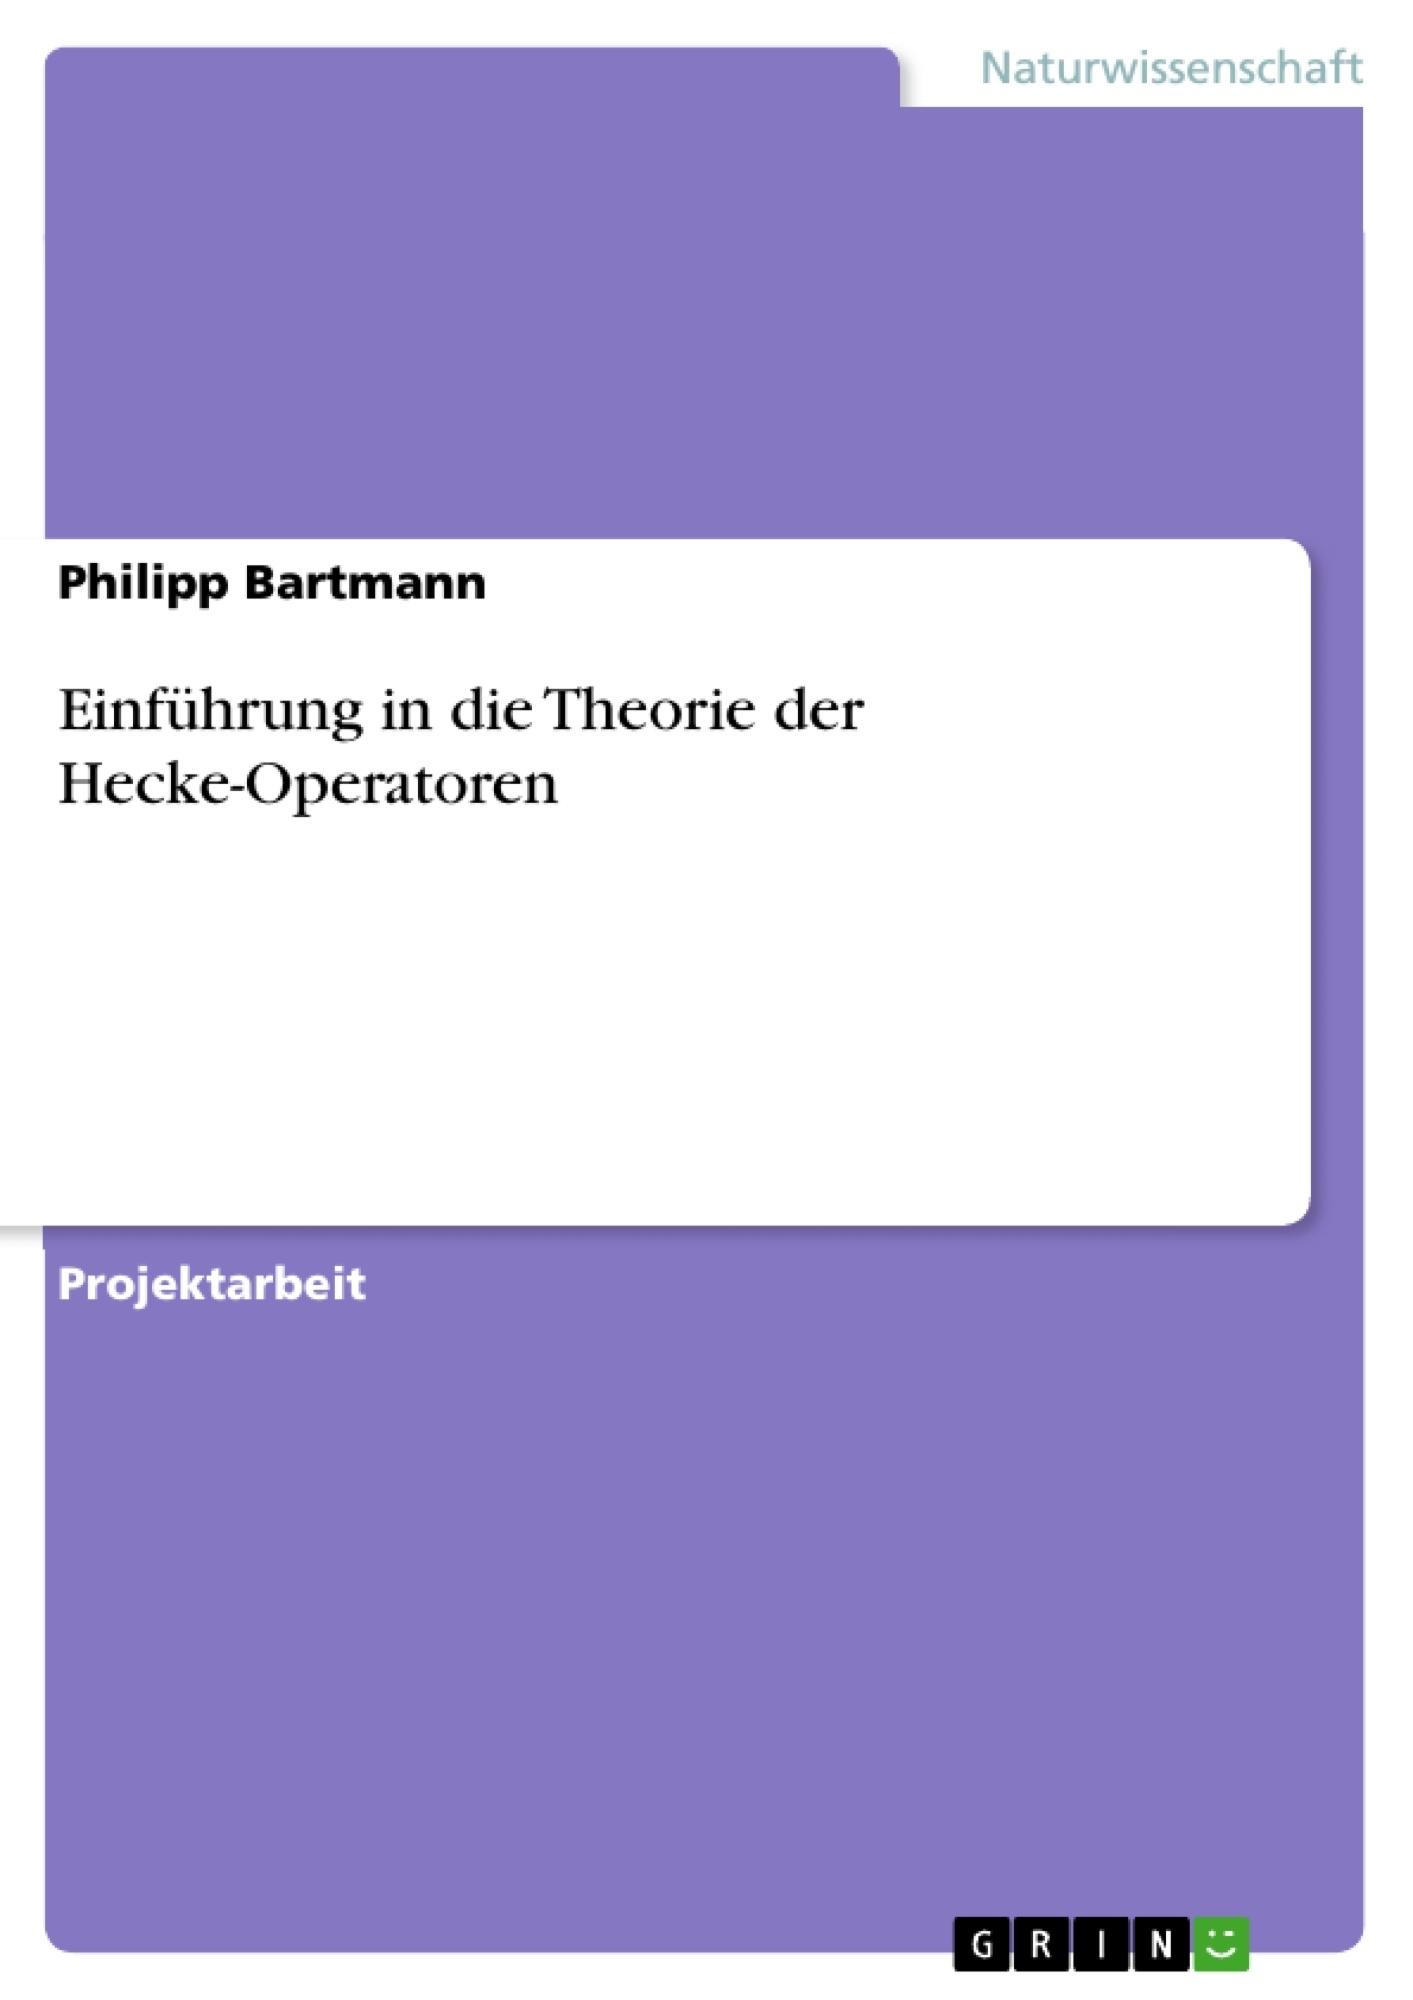 Titel: Einführung in die Theorie der Hecke-Operatoren